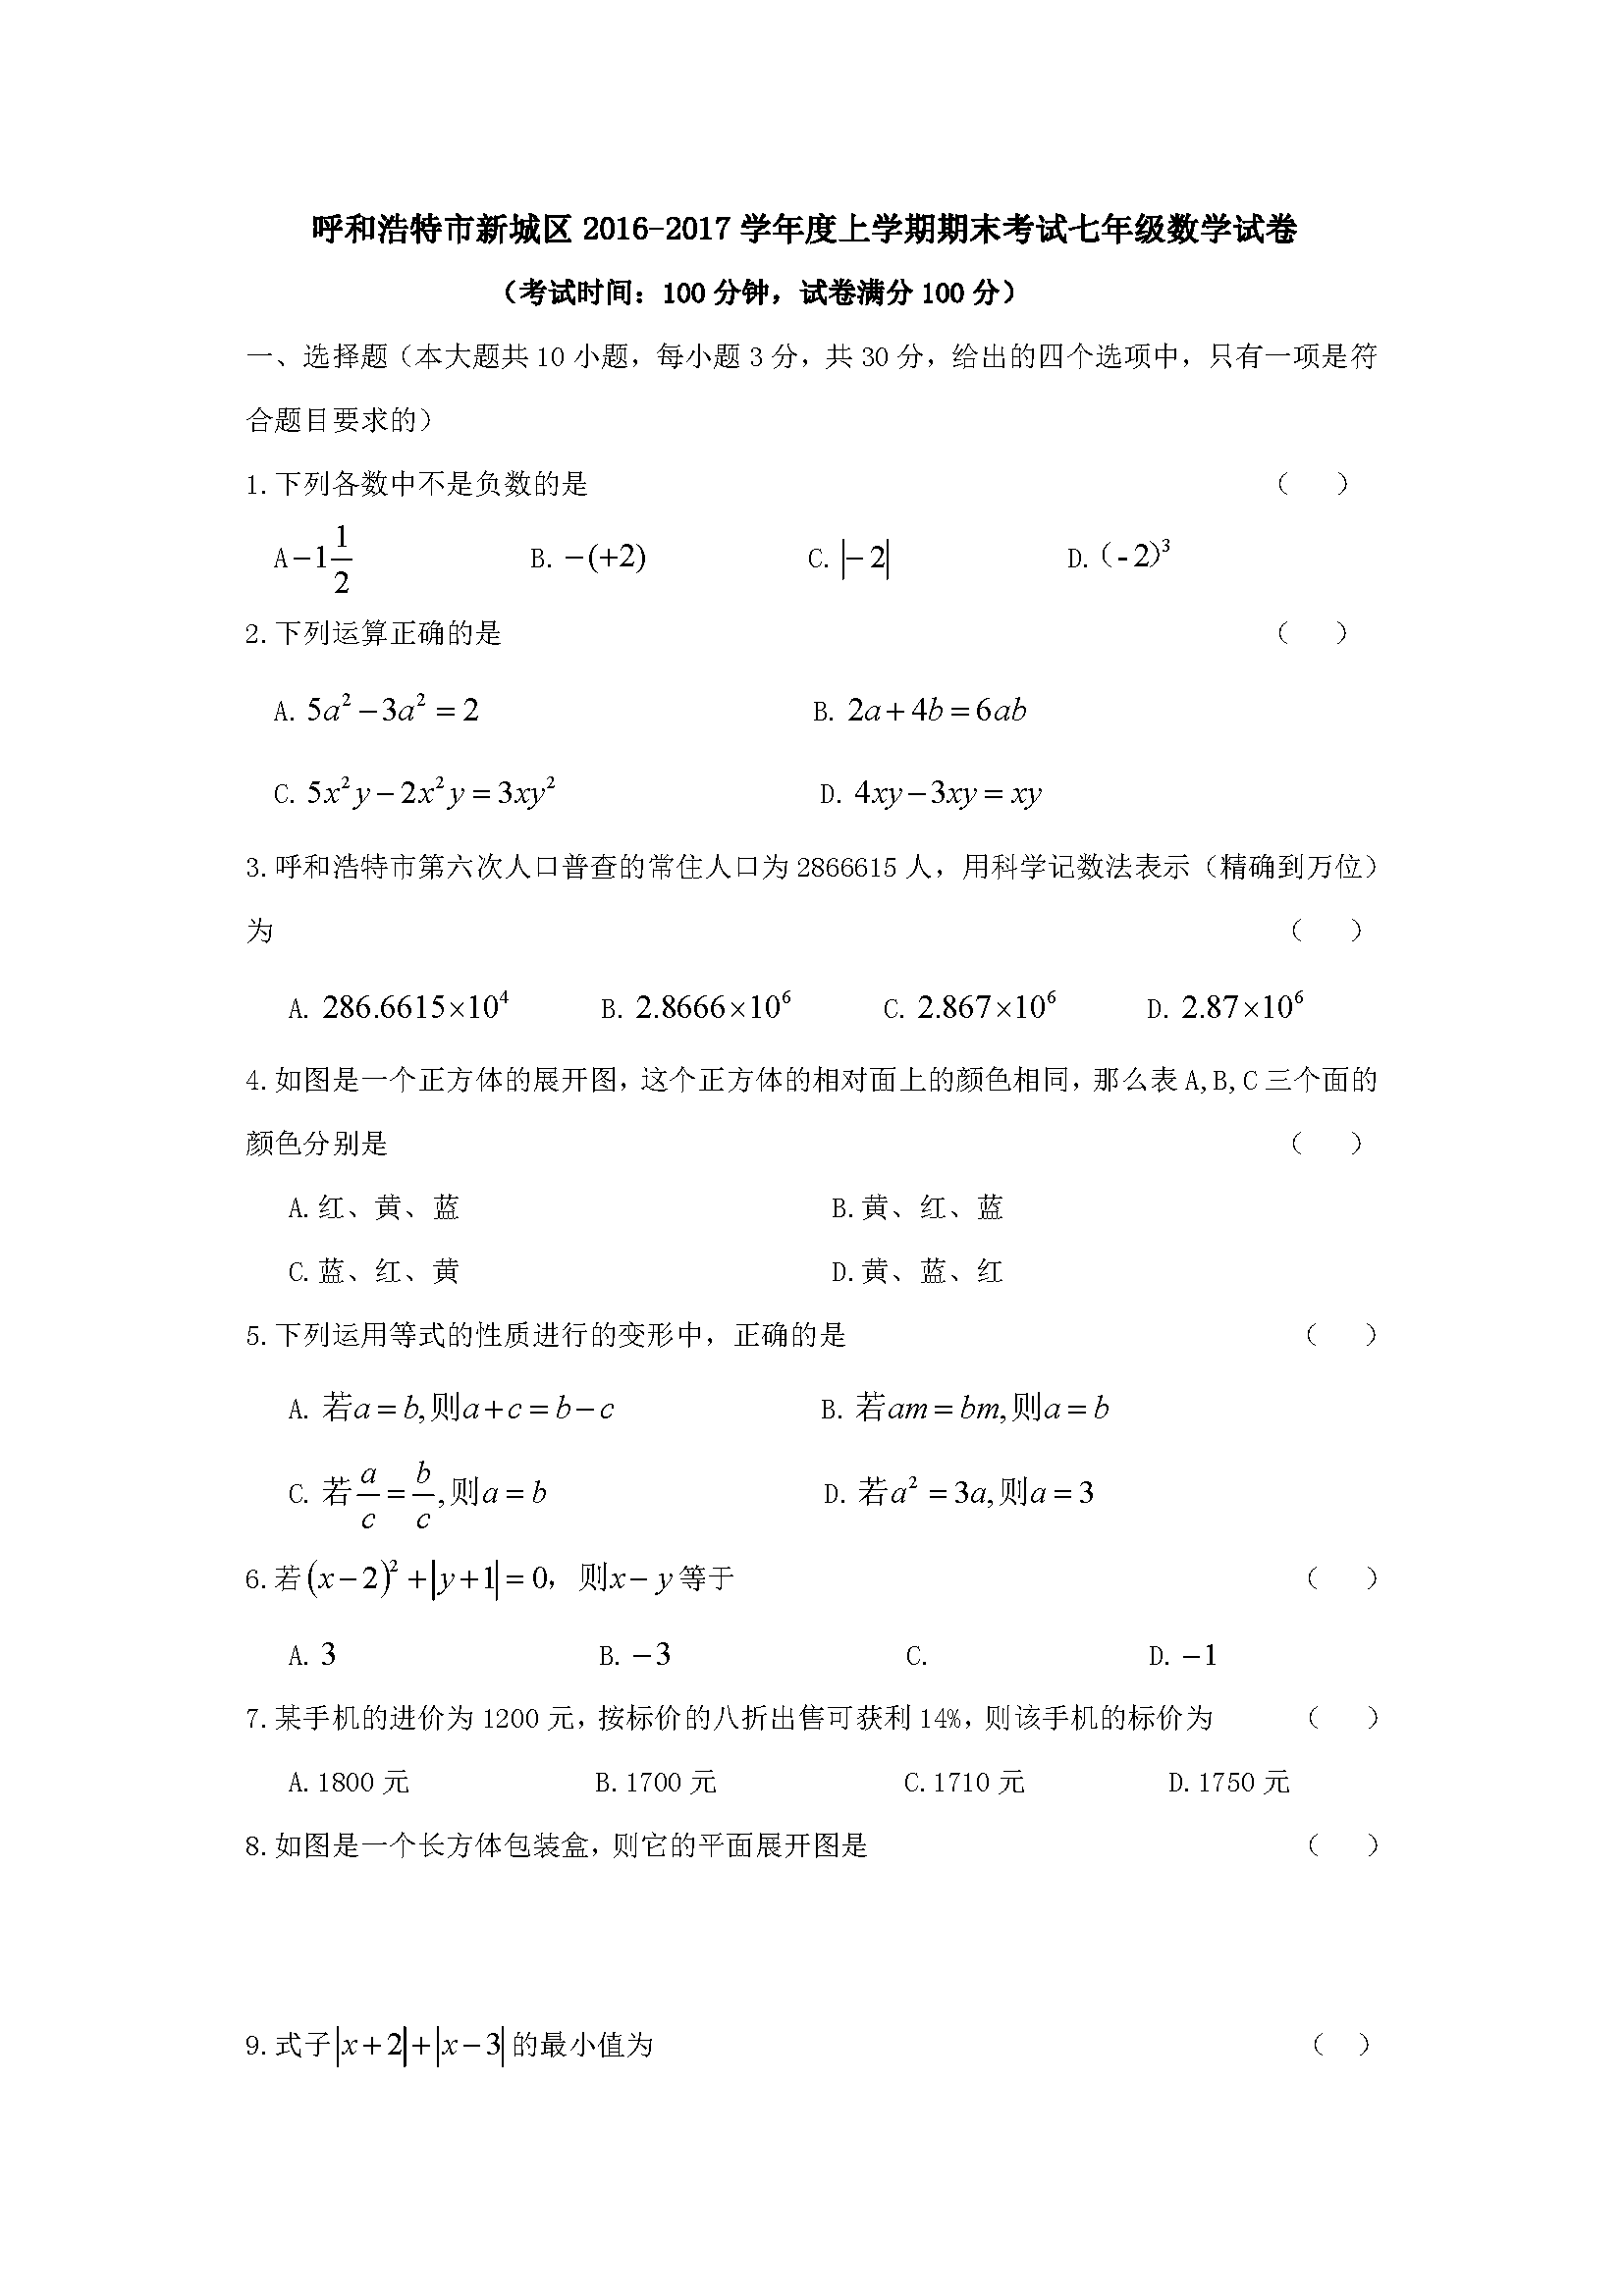 内蒙古呼和浩特新城2016-2017学年度上学期期末七年级数学试题(Word版)